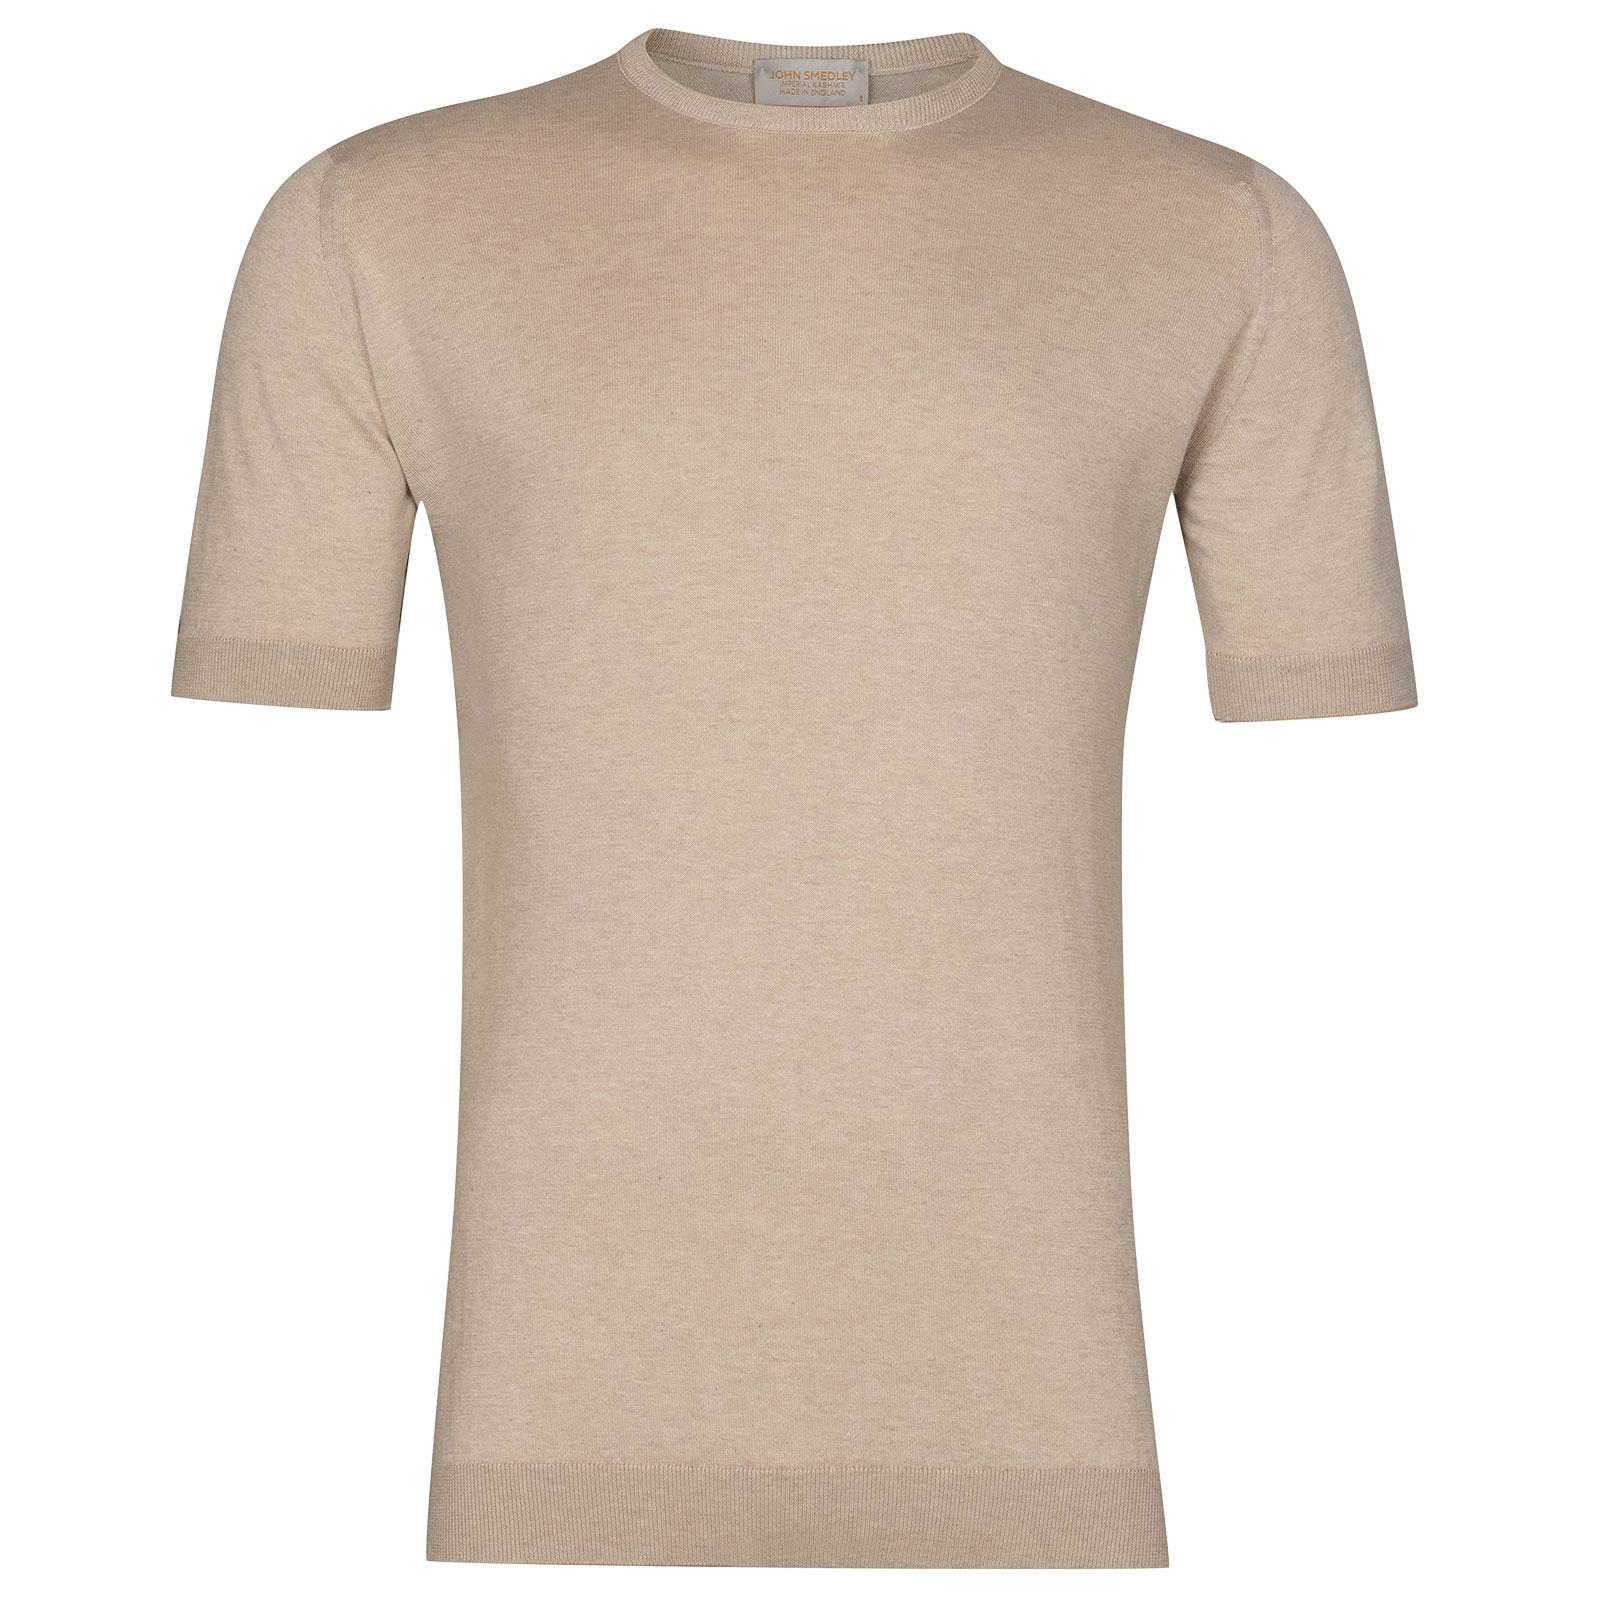 John Smedley Stonwell in Sandstone T-Shirt-MED